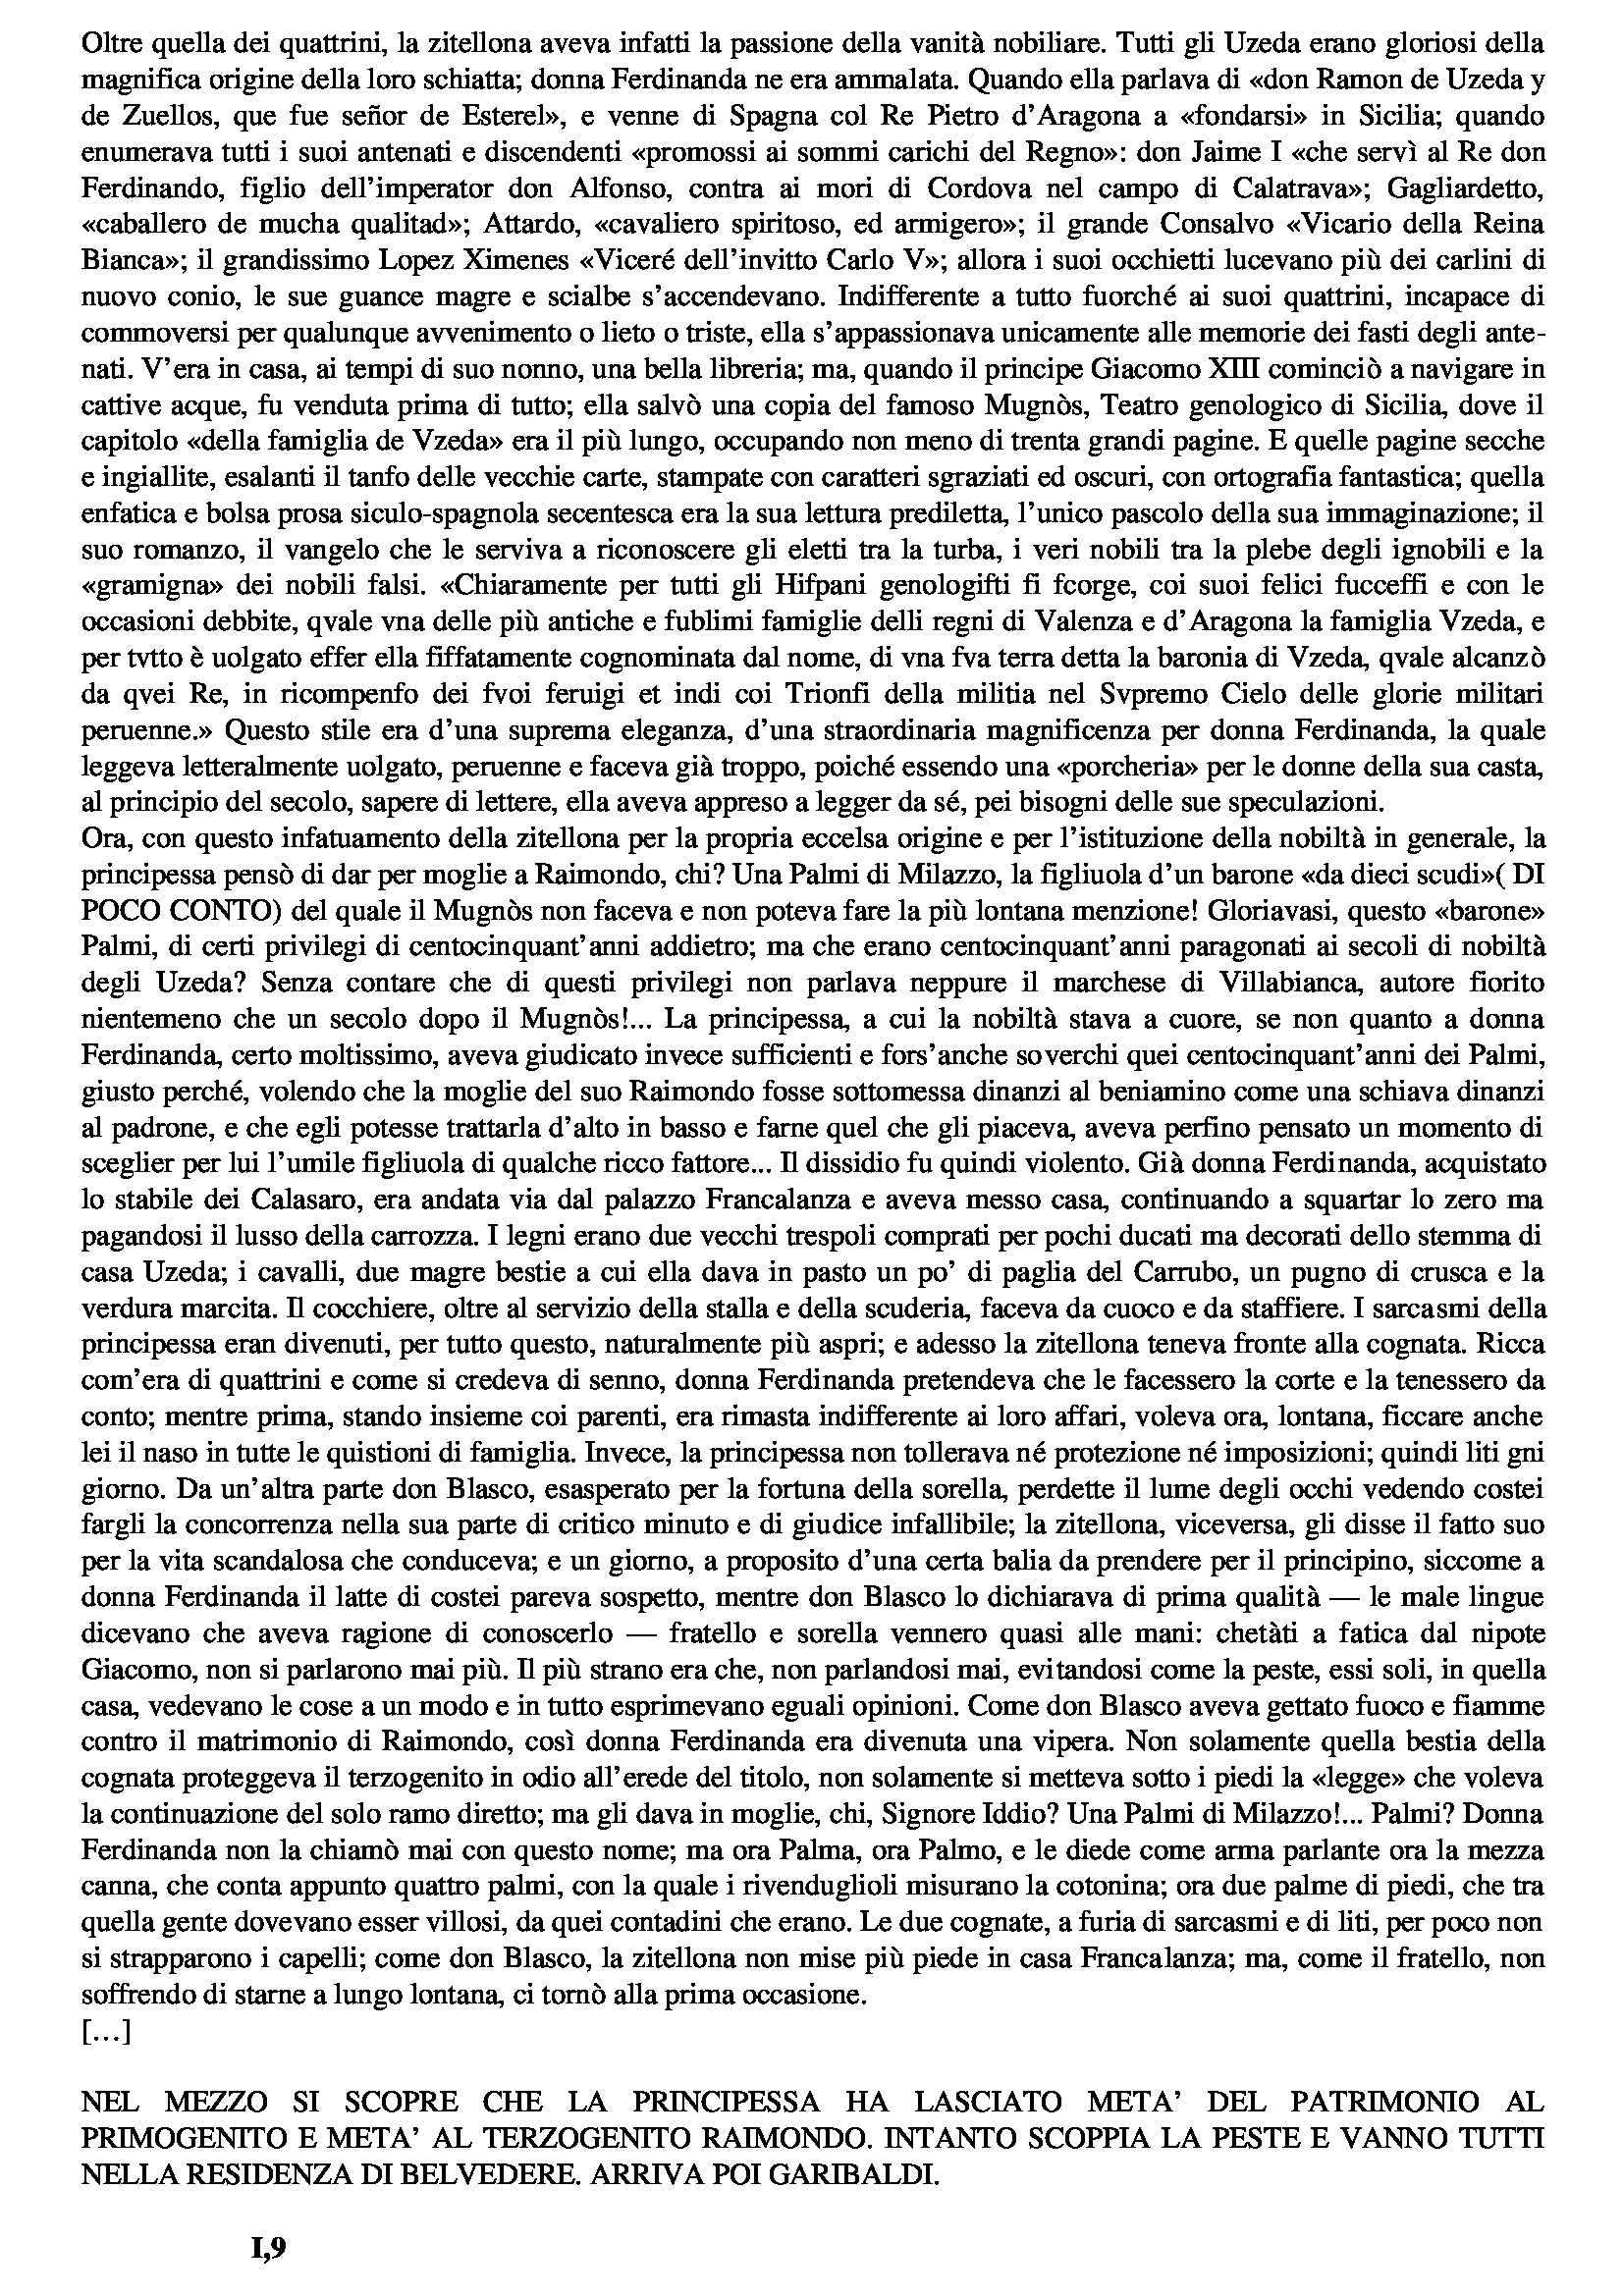 Letteratura italiana - De Roberto, Pirandello e Tommasi da Lampedusa Pag. 11